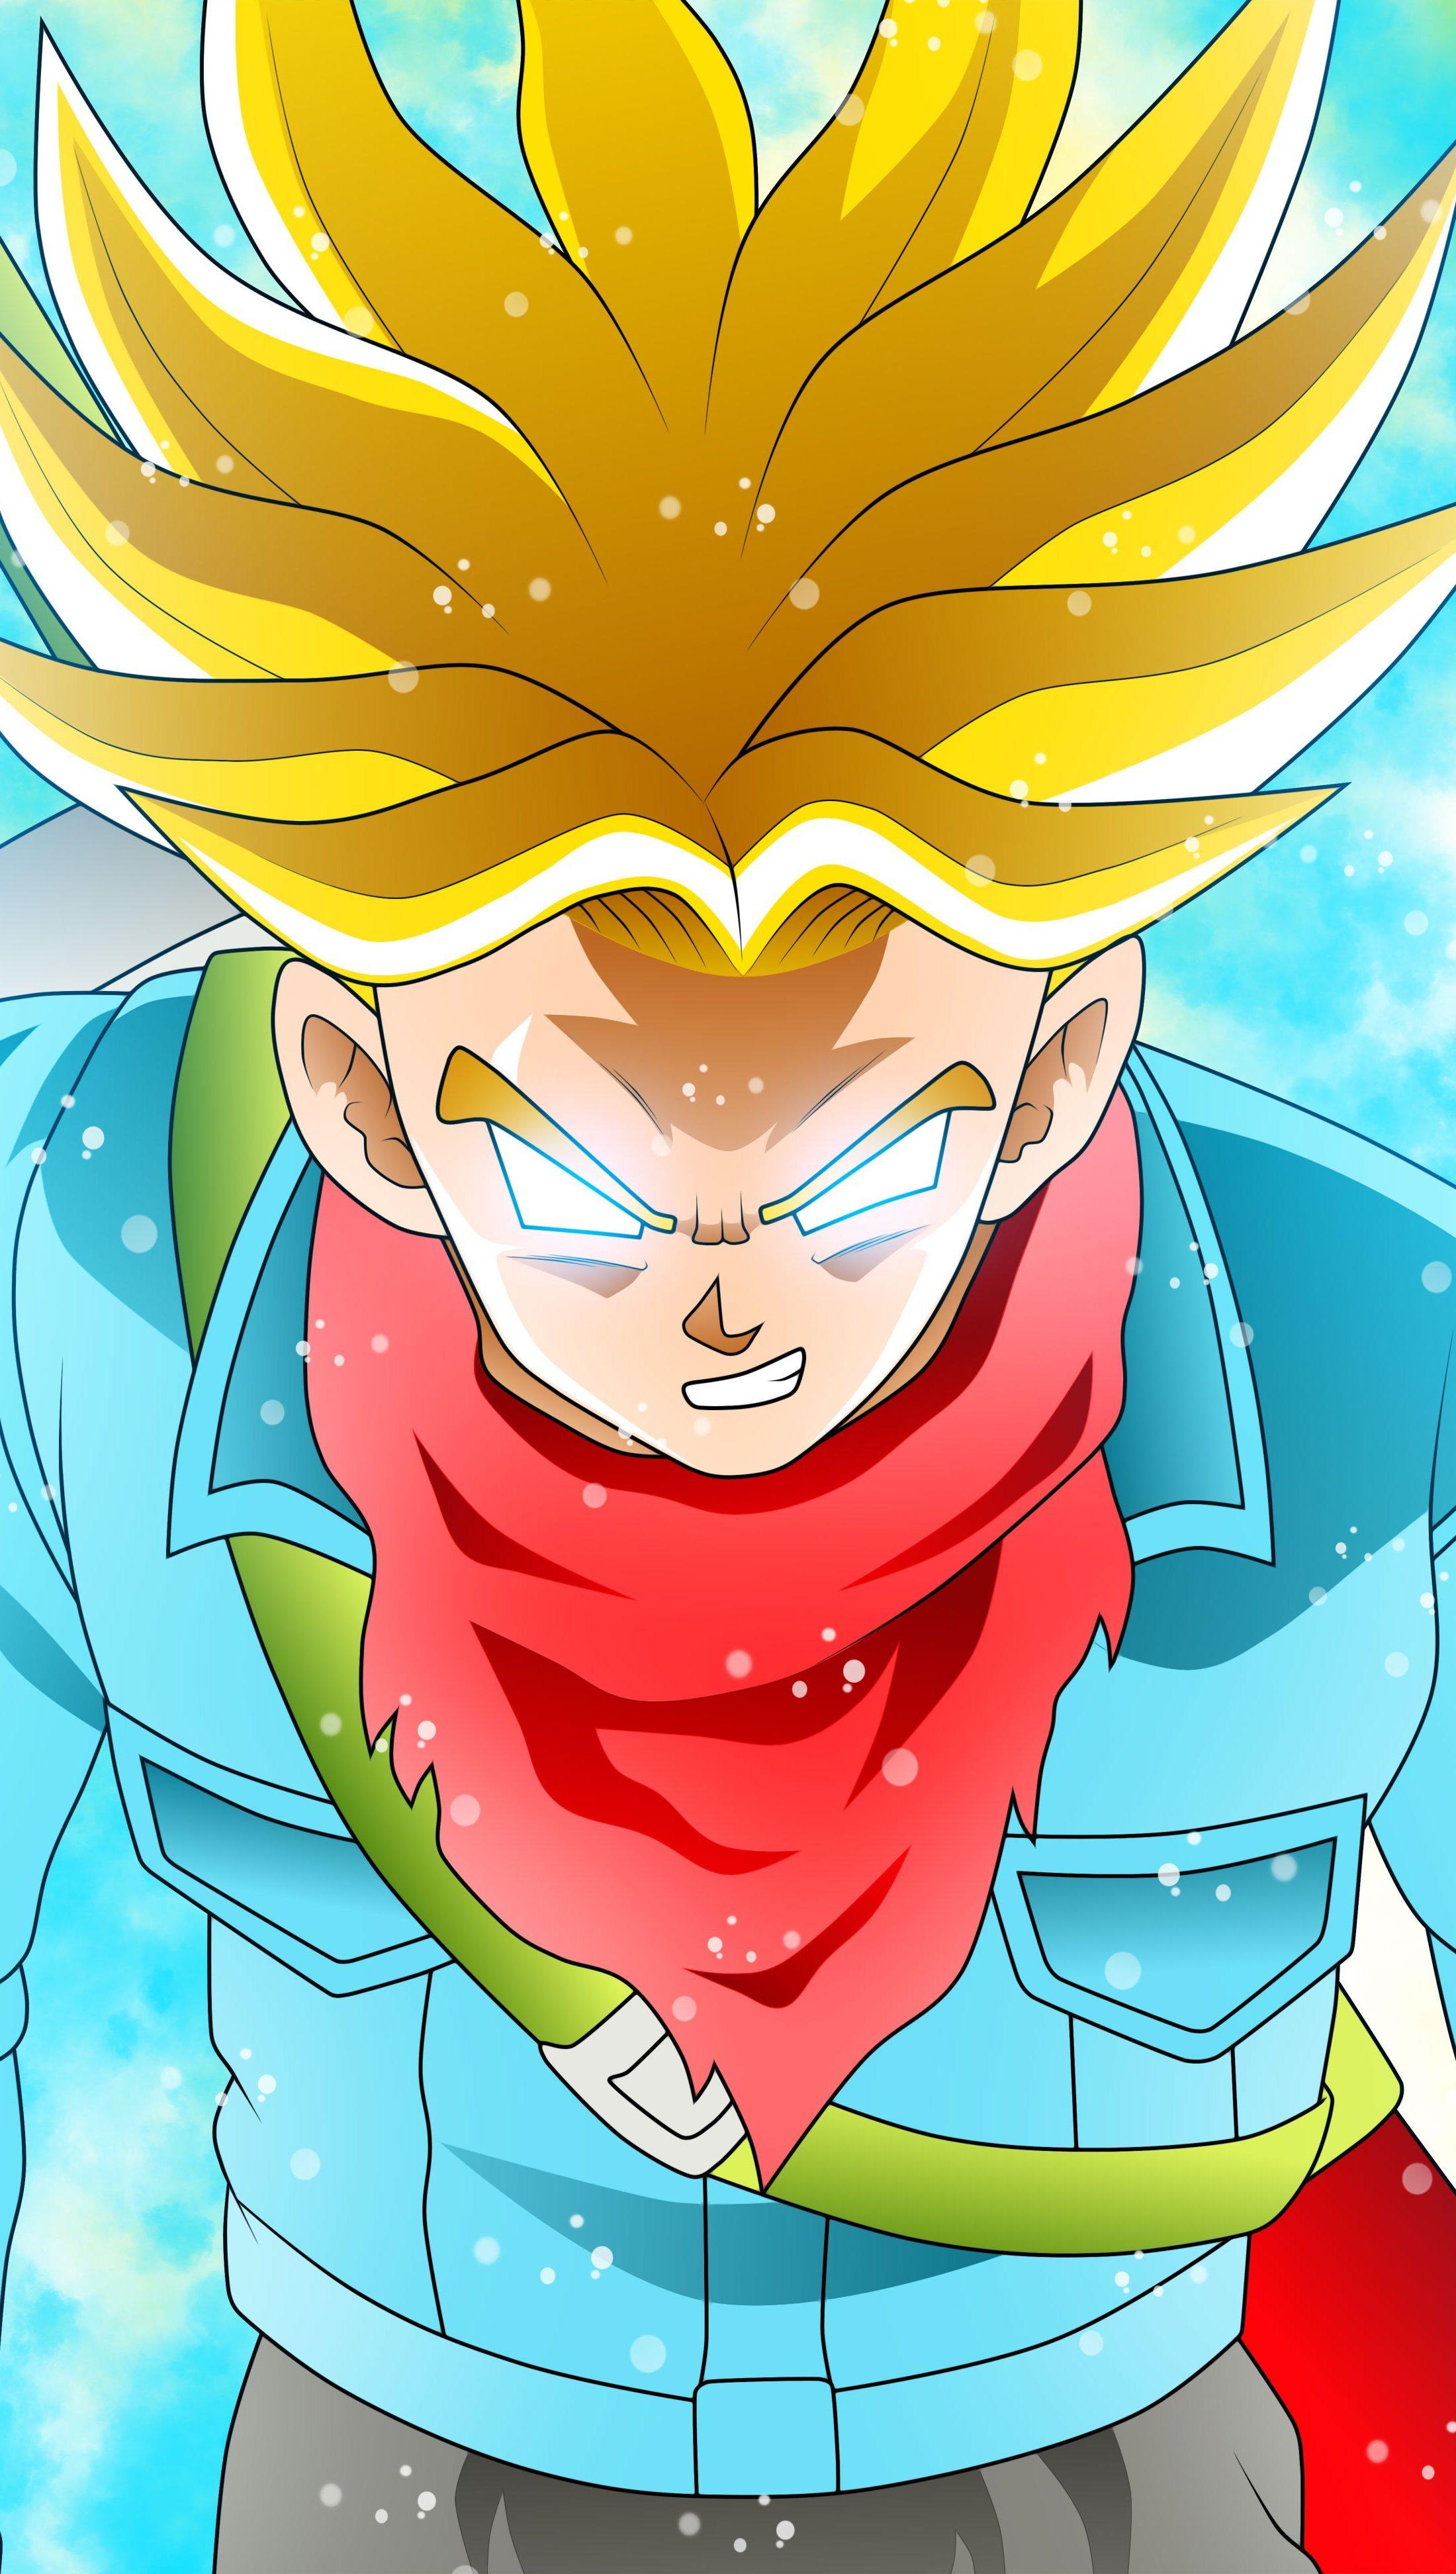 Fondos de pantalla Anime Trunks Super Saiyan Rage en Dragon Ball Super Vertical